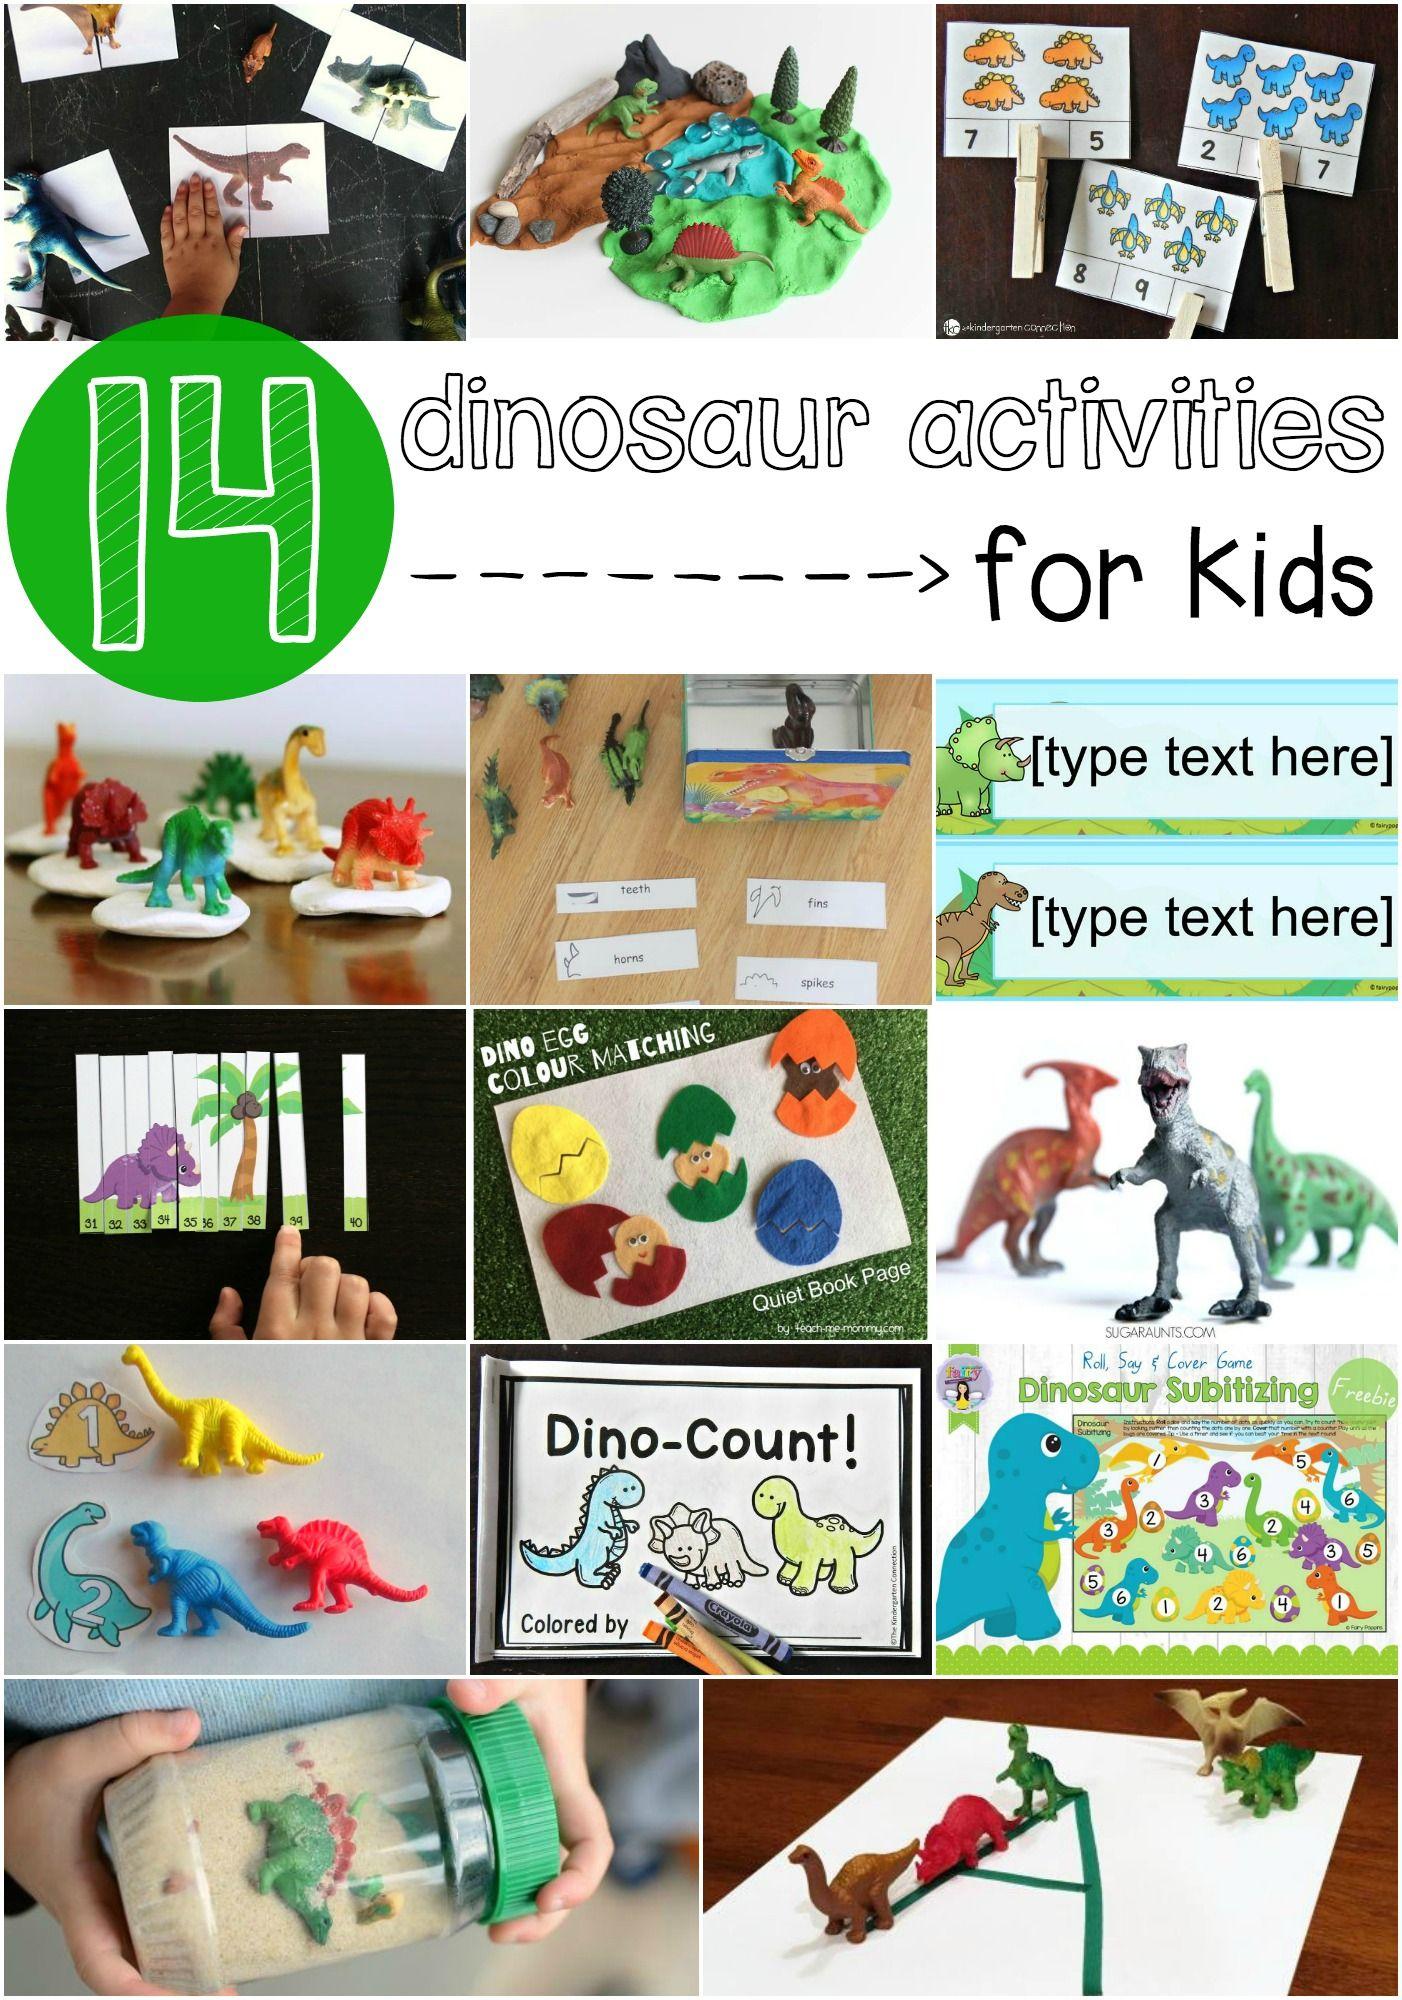 Dinosaur Play Dough Kit